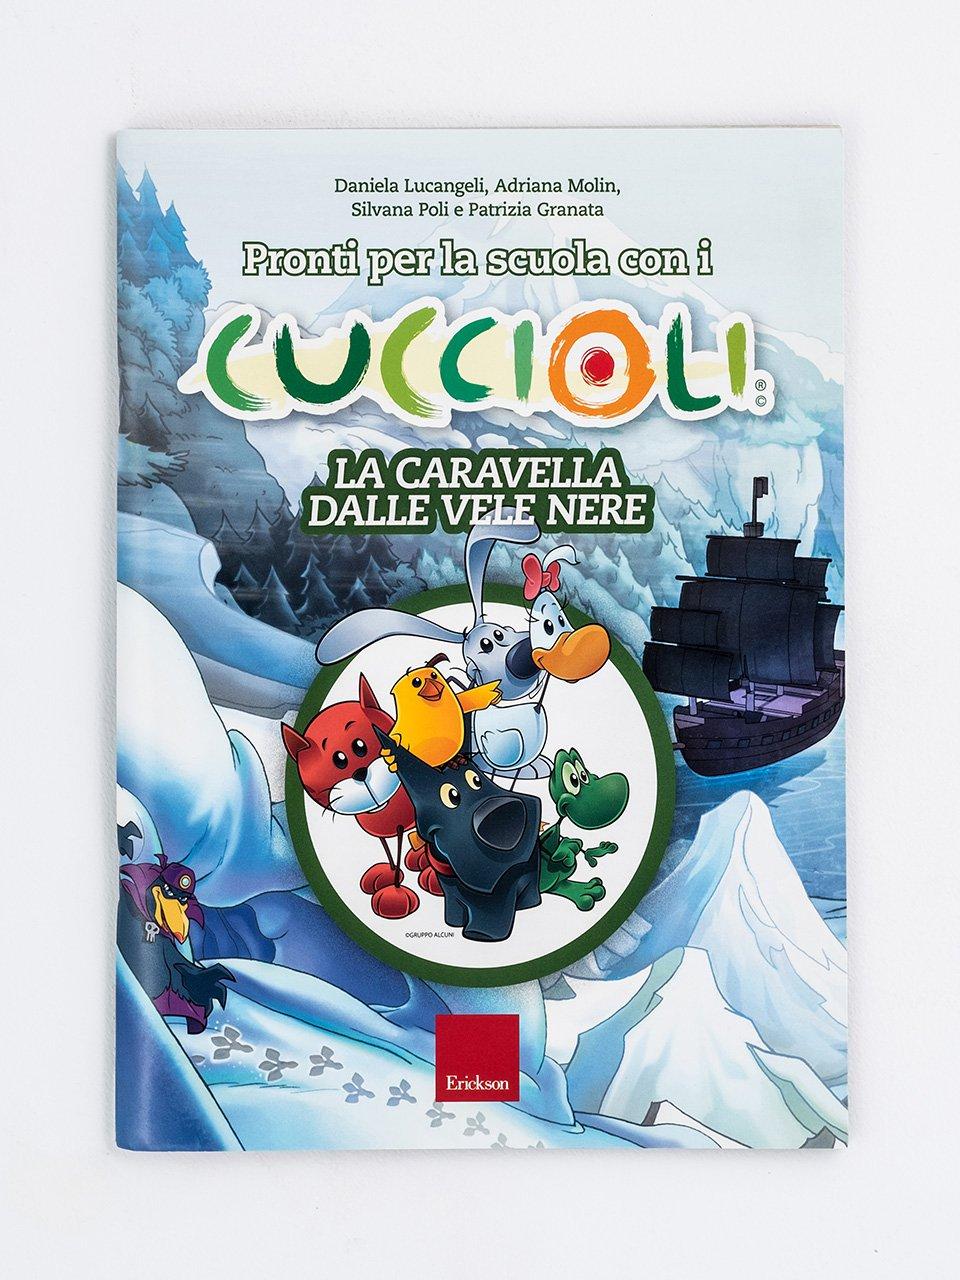 Pronti per la scuola con i CUCCIOLI - La caravella dalle vele nere - Le proposte Erickson per i compiti-delle-vacanze - Erickson